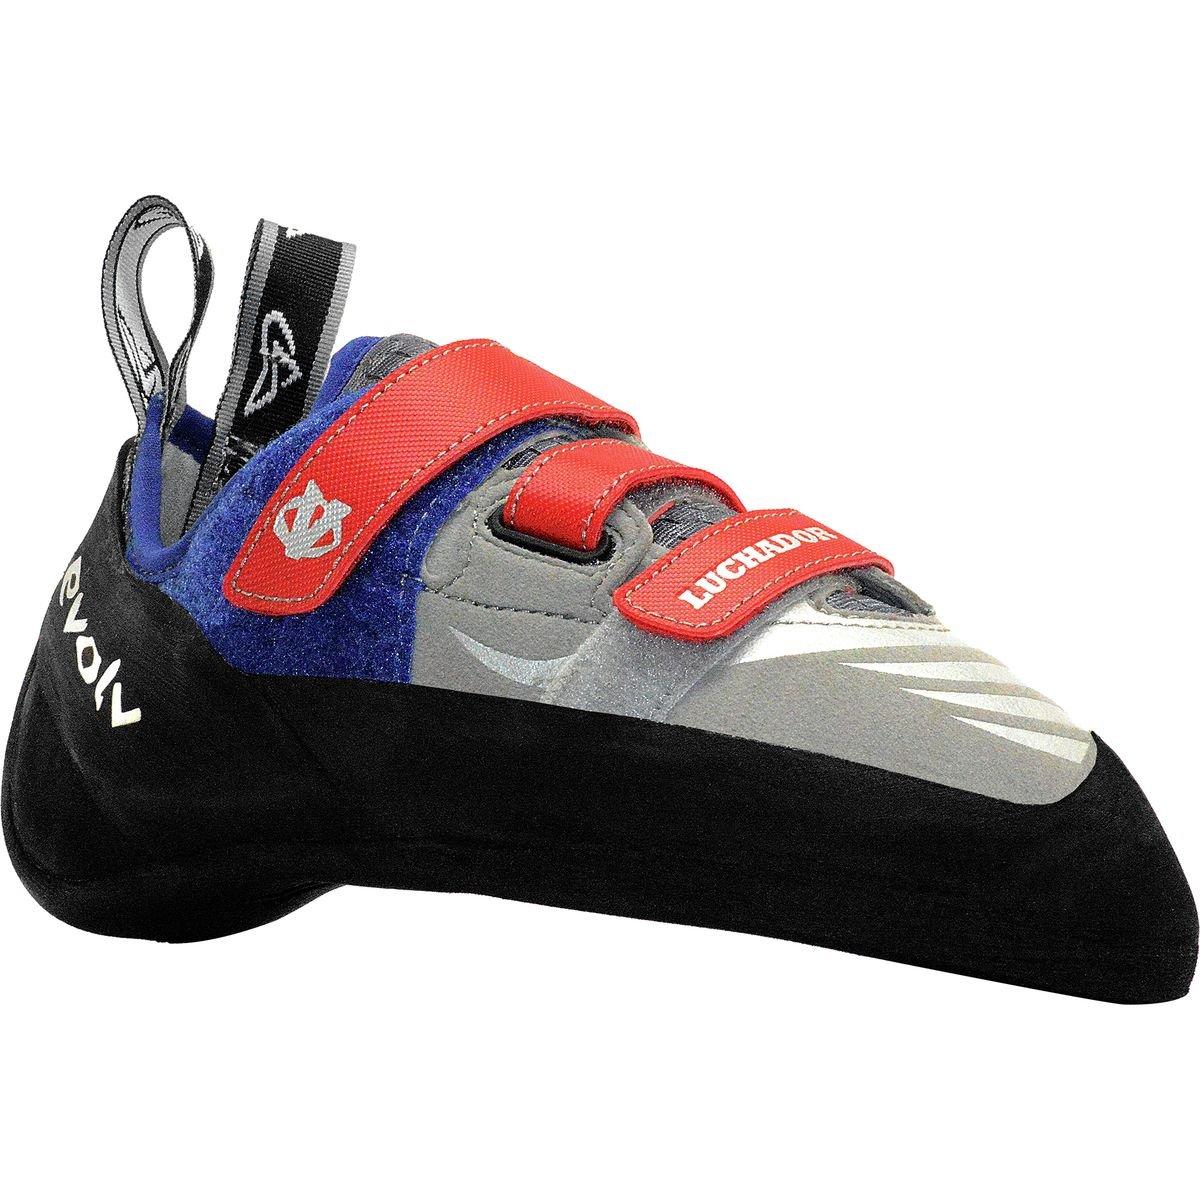 Evolv Luchador SC Climbing Shoe - Men's EVL0215-7